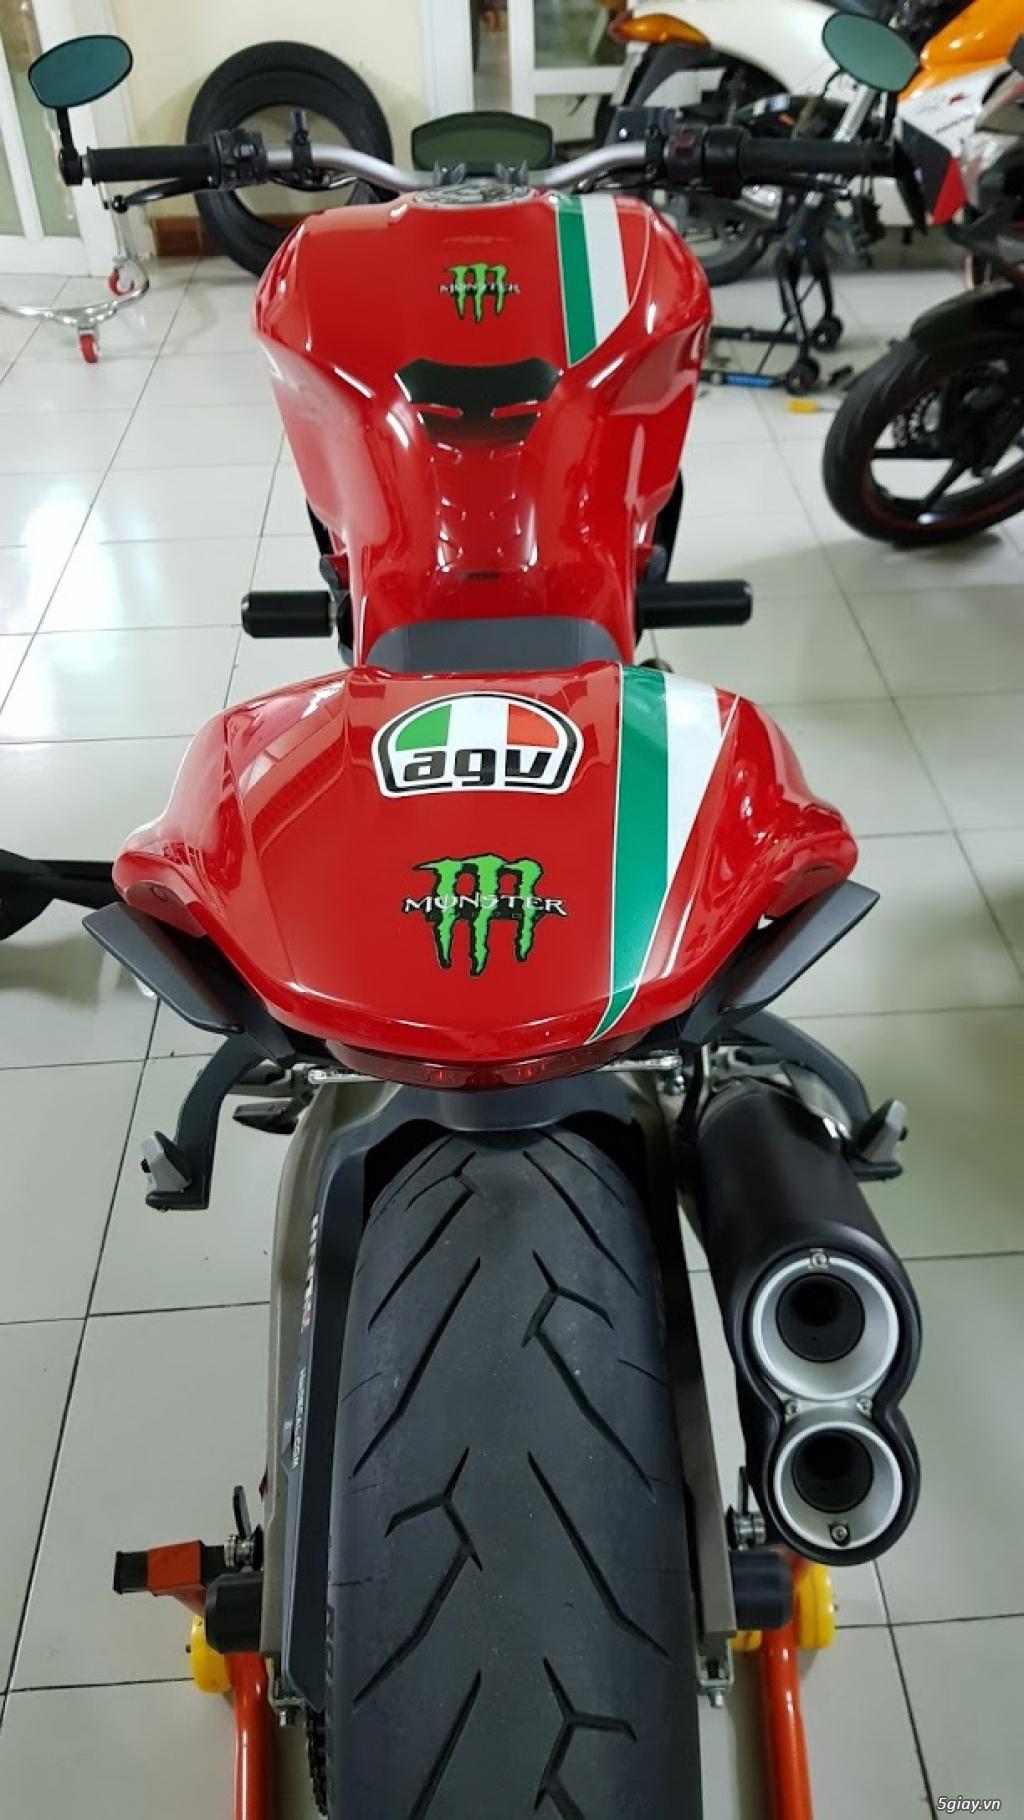 Ban Ducati Monster 821 ABS thang 52017 chinh hang Saigon so VIP - 10